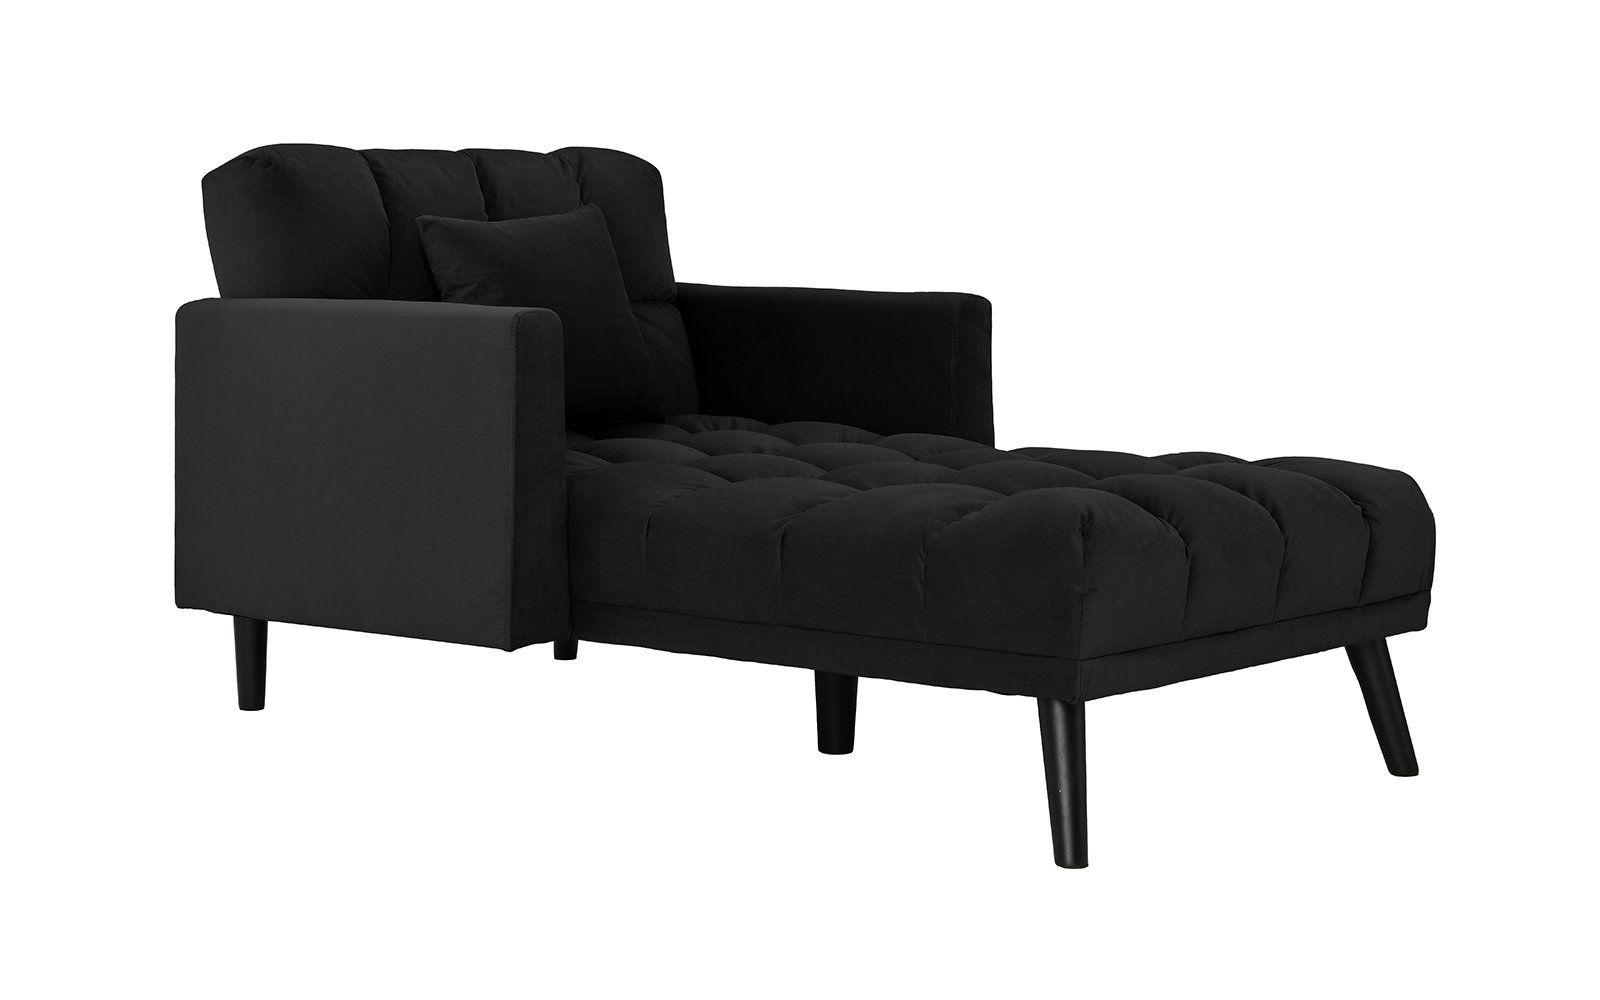 Ellery Modern Velvet Chaise Lounge Sleeper Chaise Lounge Tufted Chaise Lounge Mid Century Modern Chaise Lounge